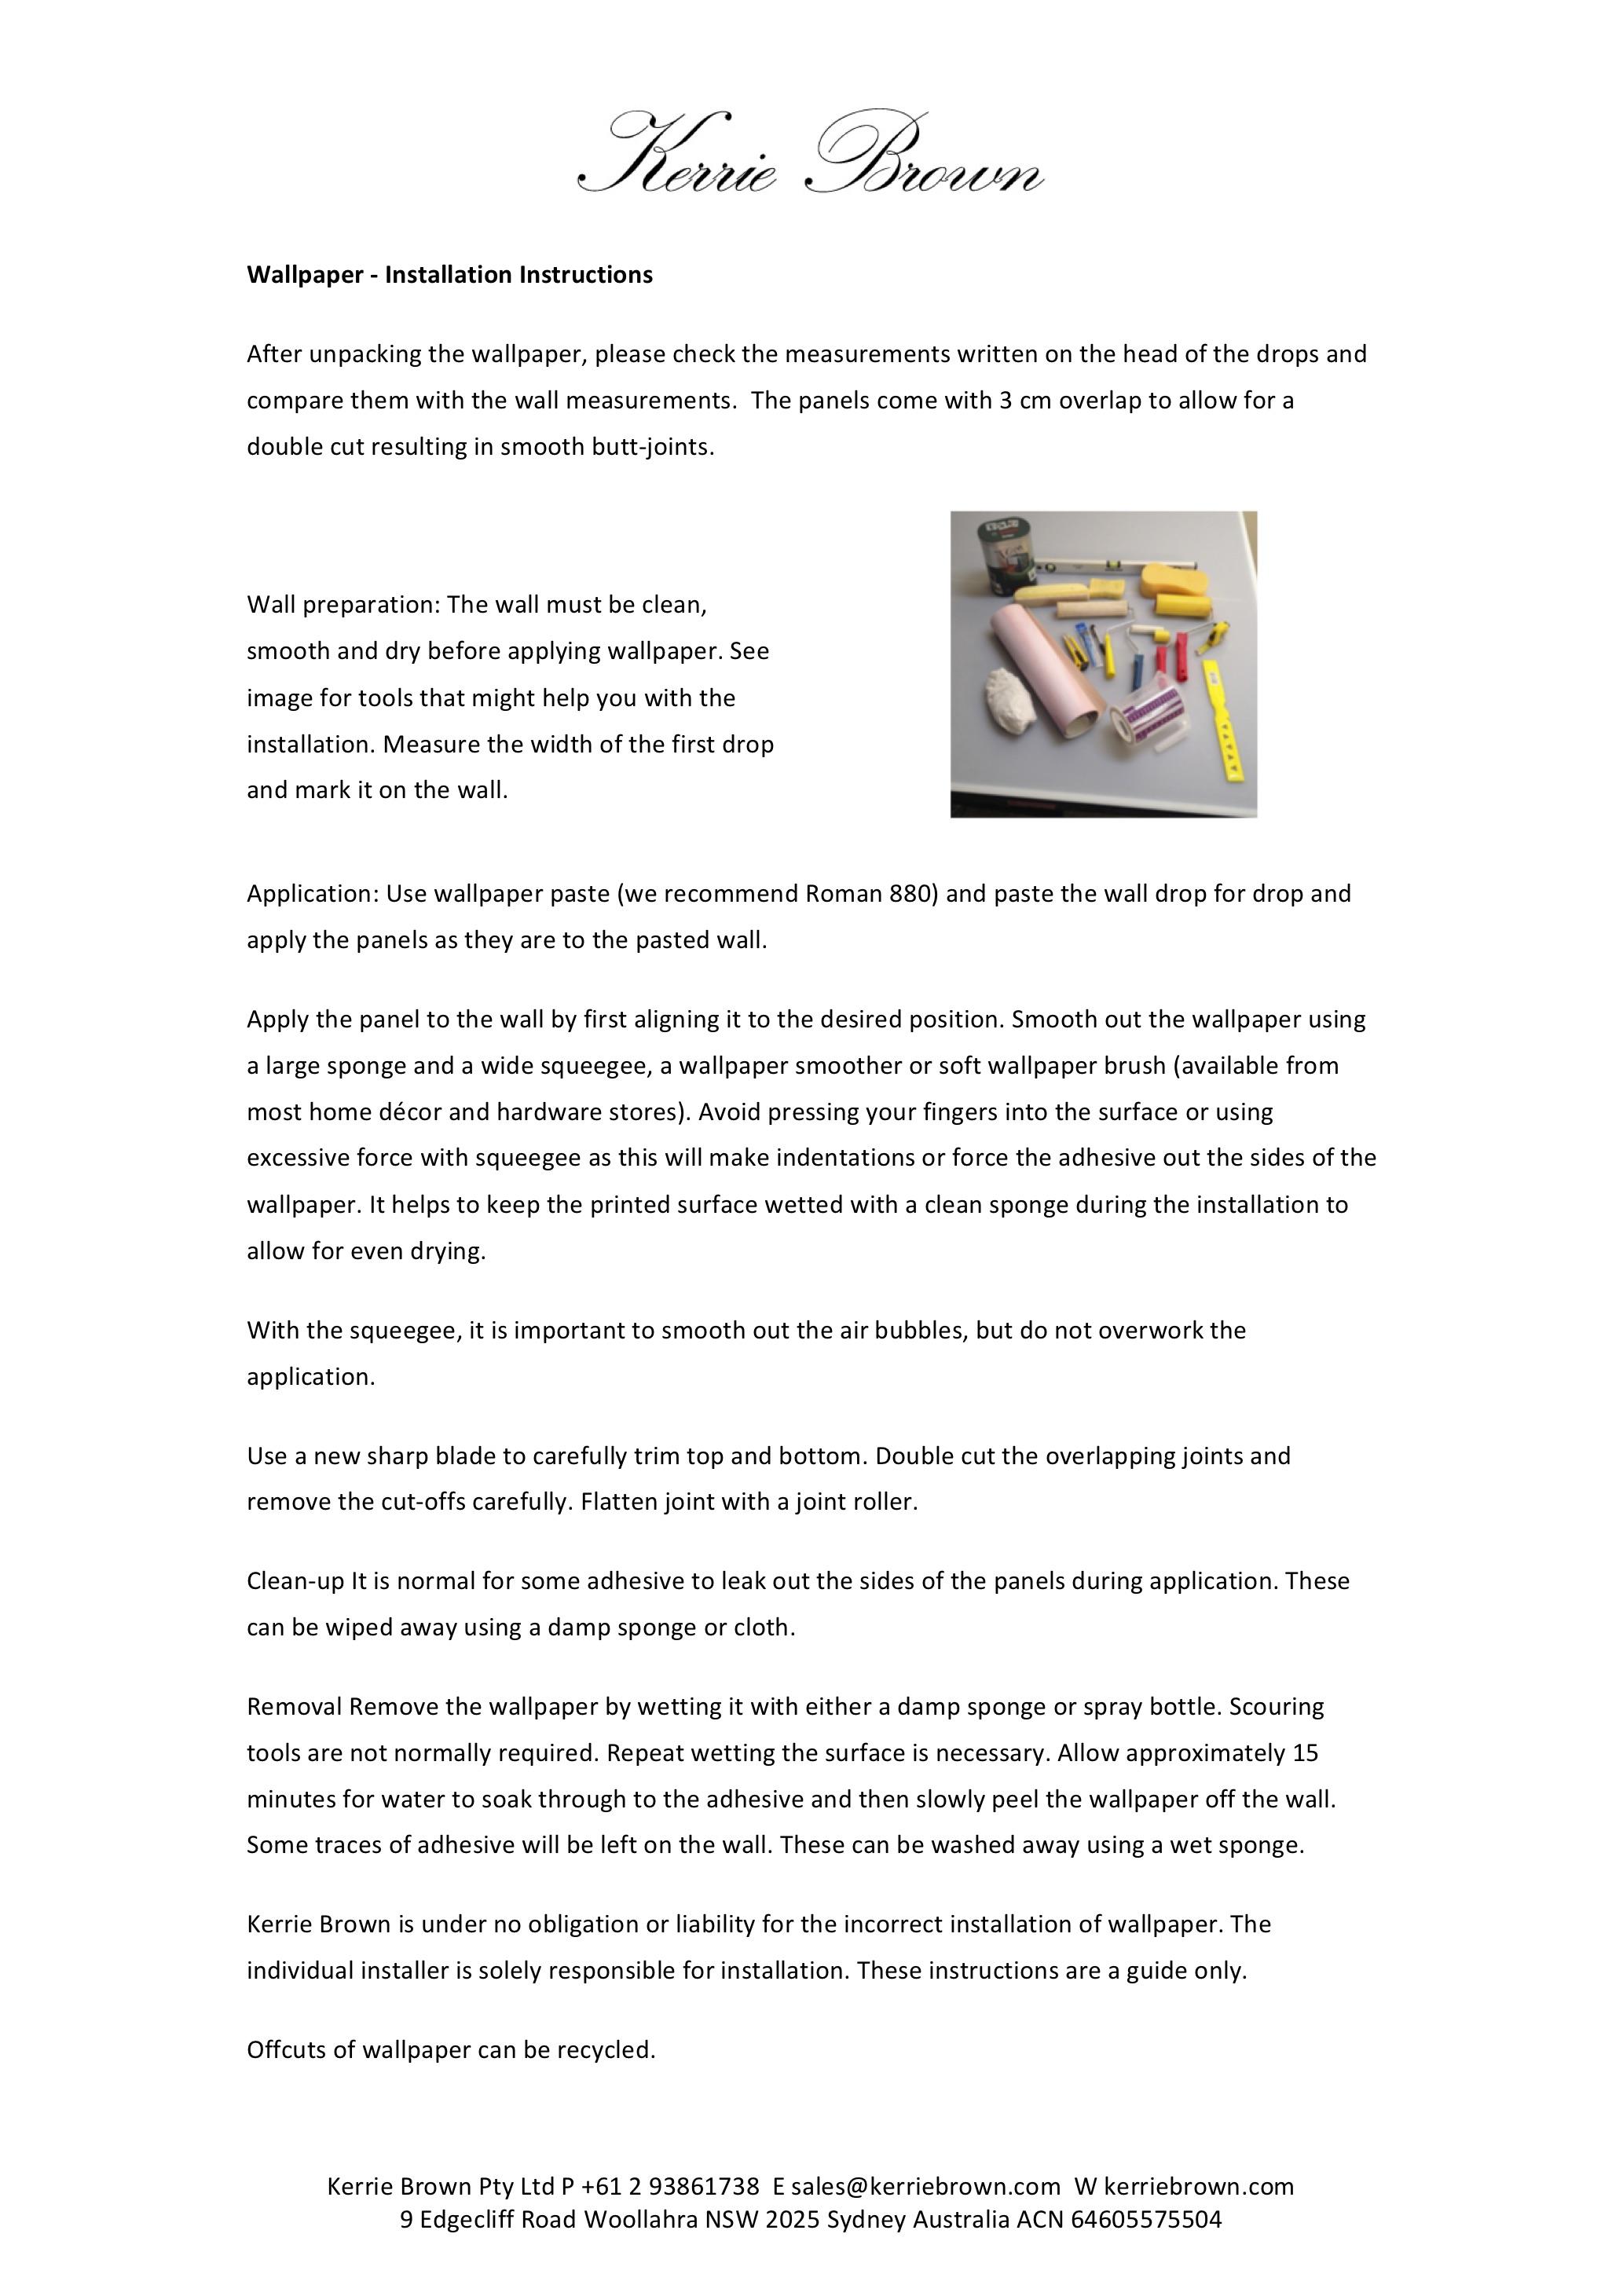 wallpaper-installation-instructions-2021.jpg